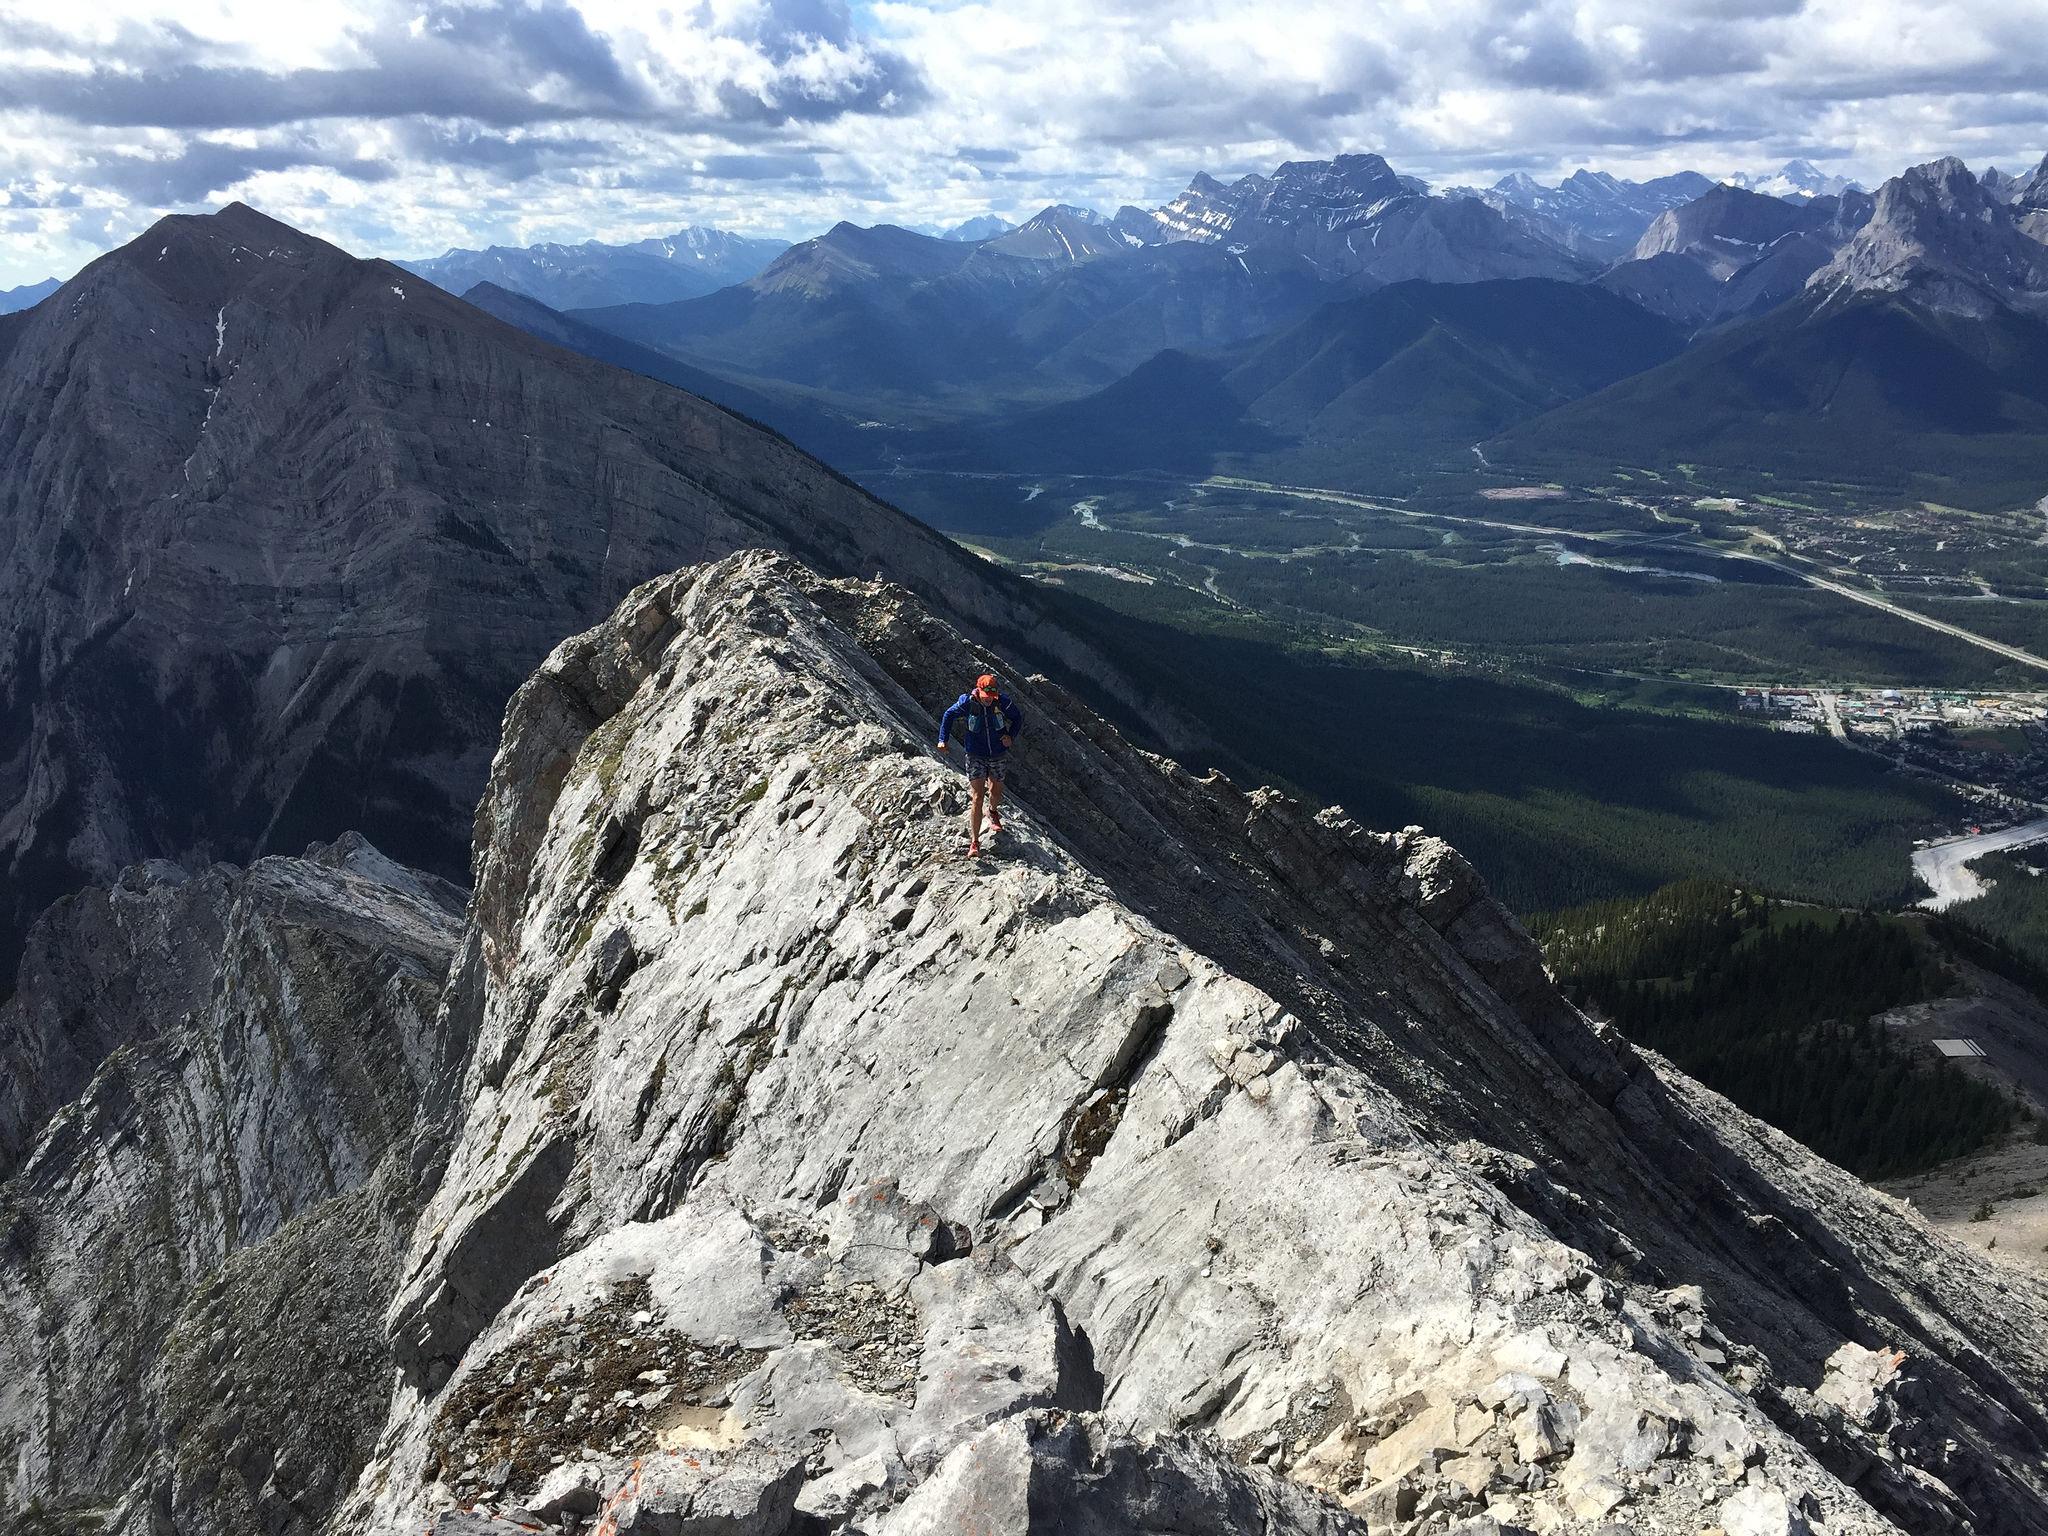 Lady mac summit ridge